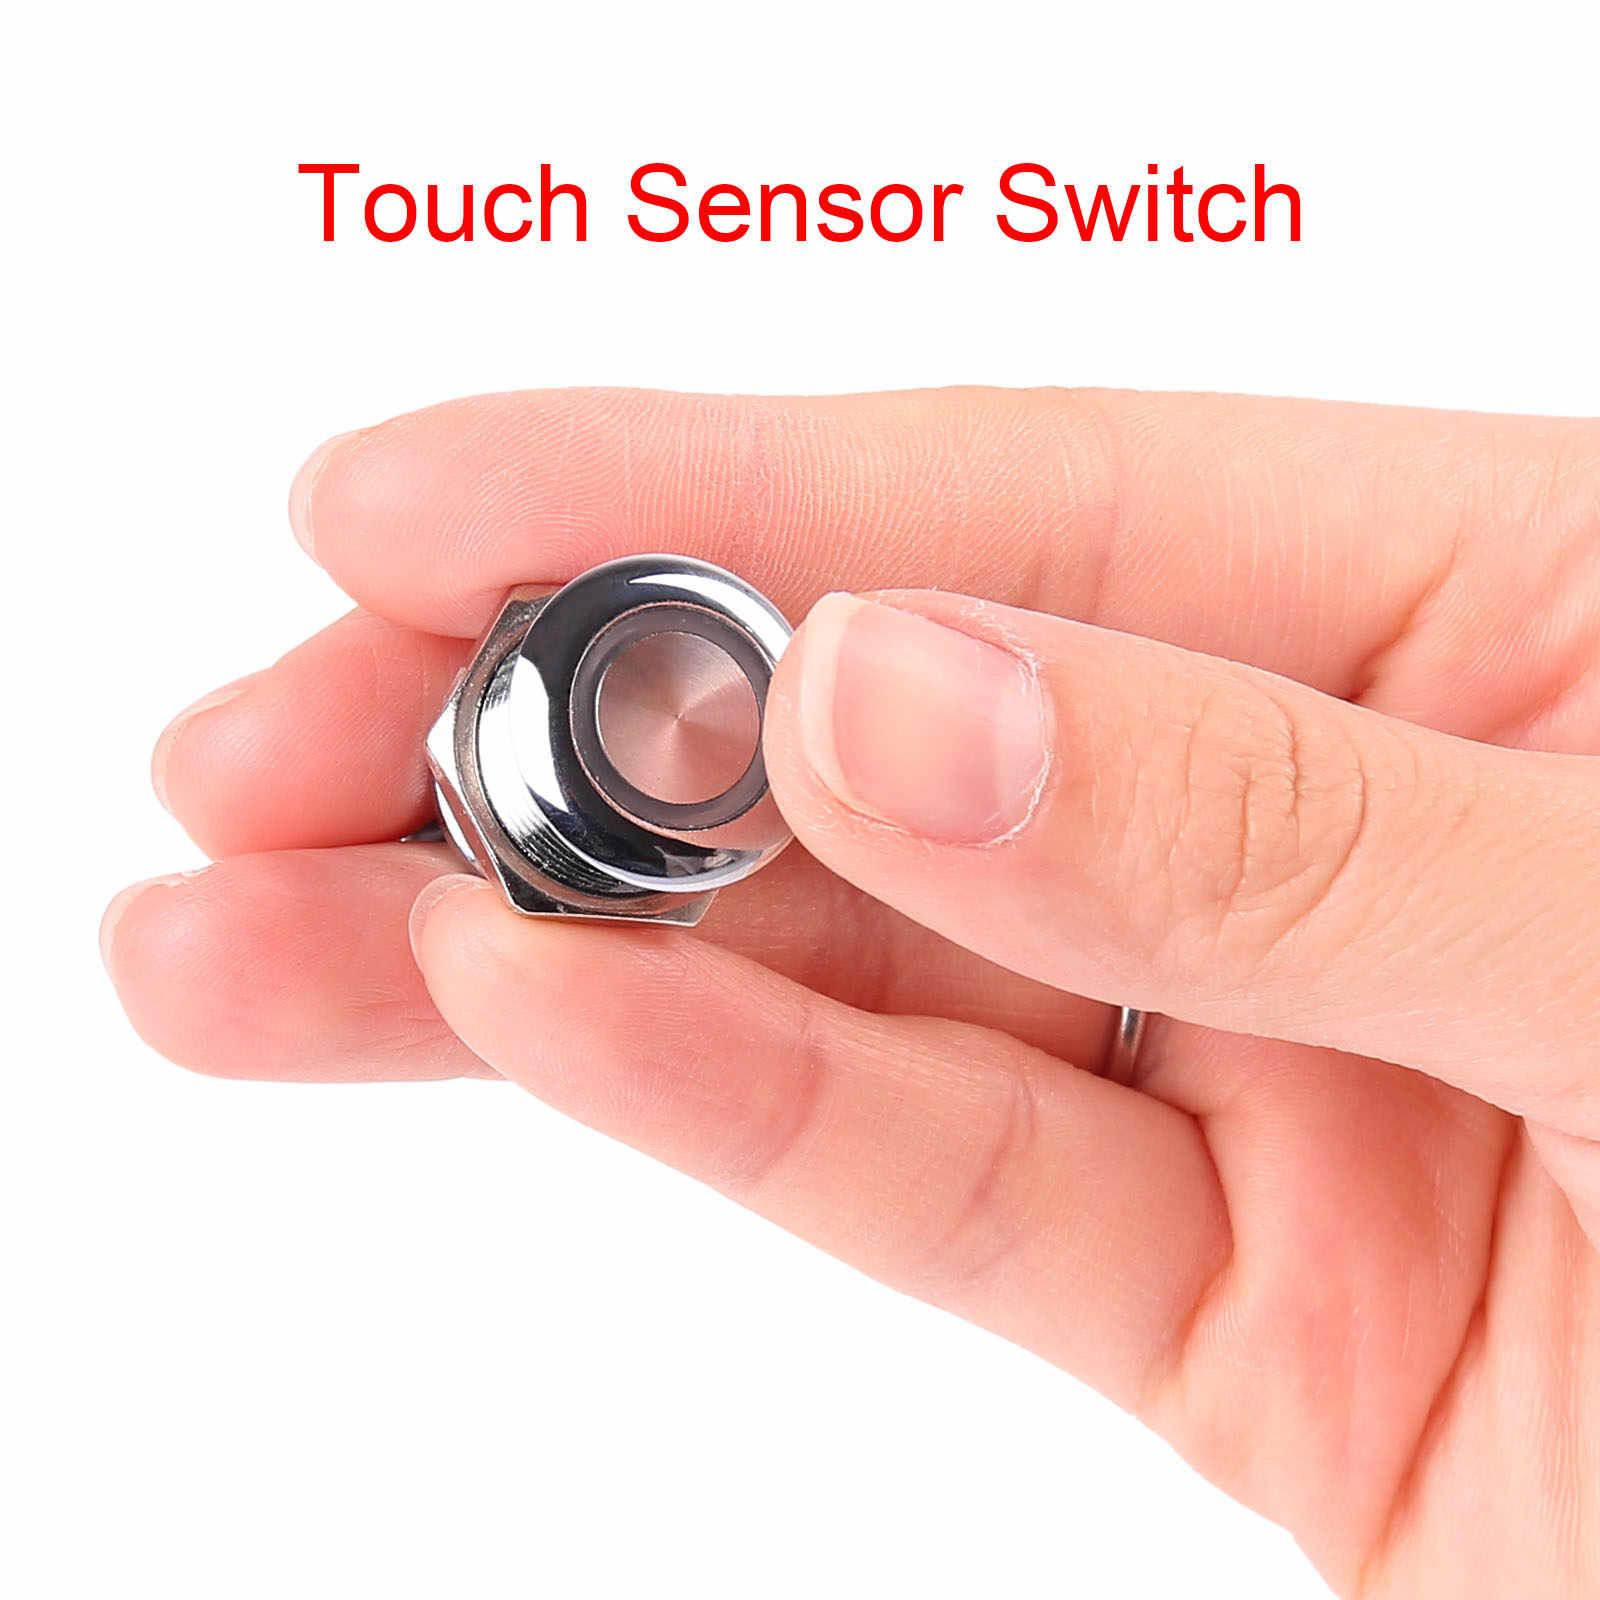 Сенсорный датчик детектор сенсорный выключатель для светодиодной ленты DC 5-24 V 3A Свет Диммер постоянного тока 12 V 24 V Интеллектуальный контроллер